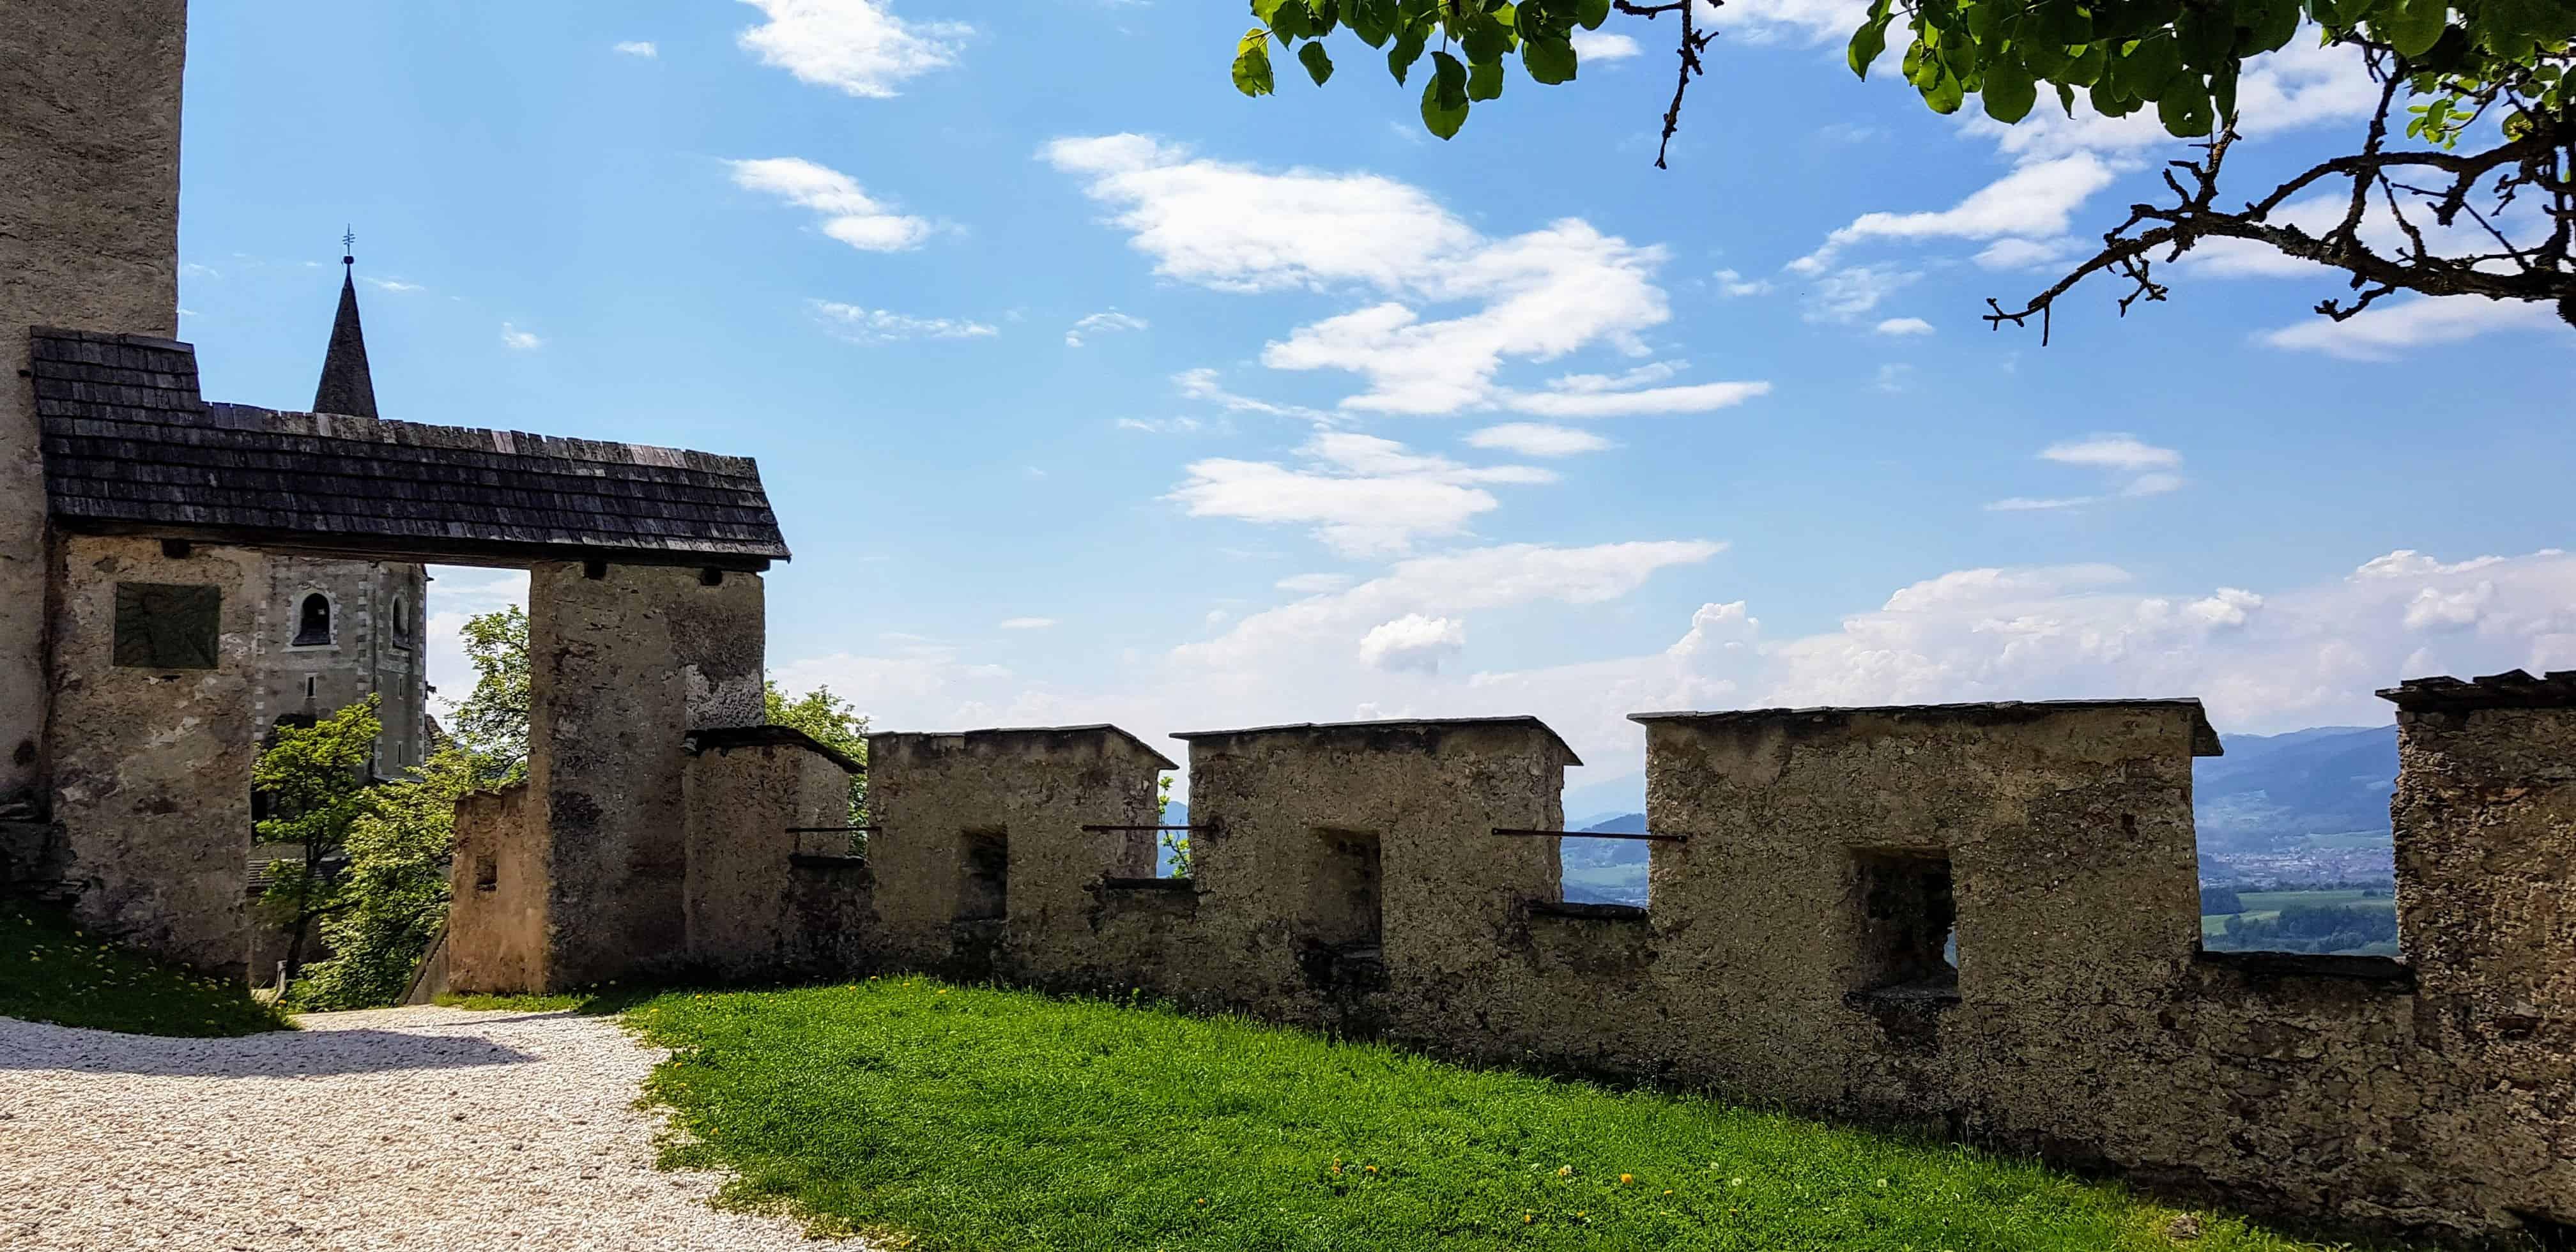 Burganlage und Burgkirche mit Panoramablick auf Burg Hochosterwitz - Kärntens TOP Ausflugsziele Nähe Klagenfurt Wörthersee